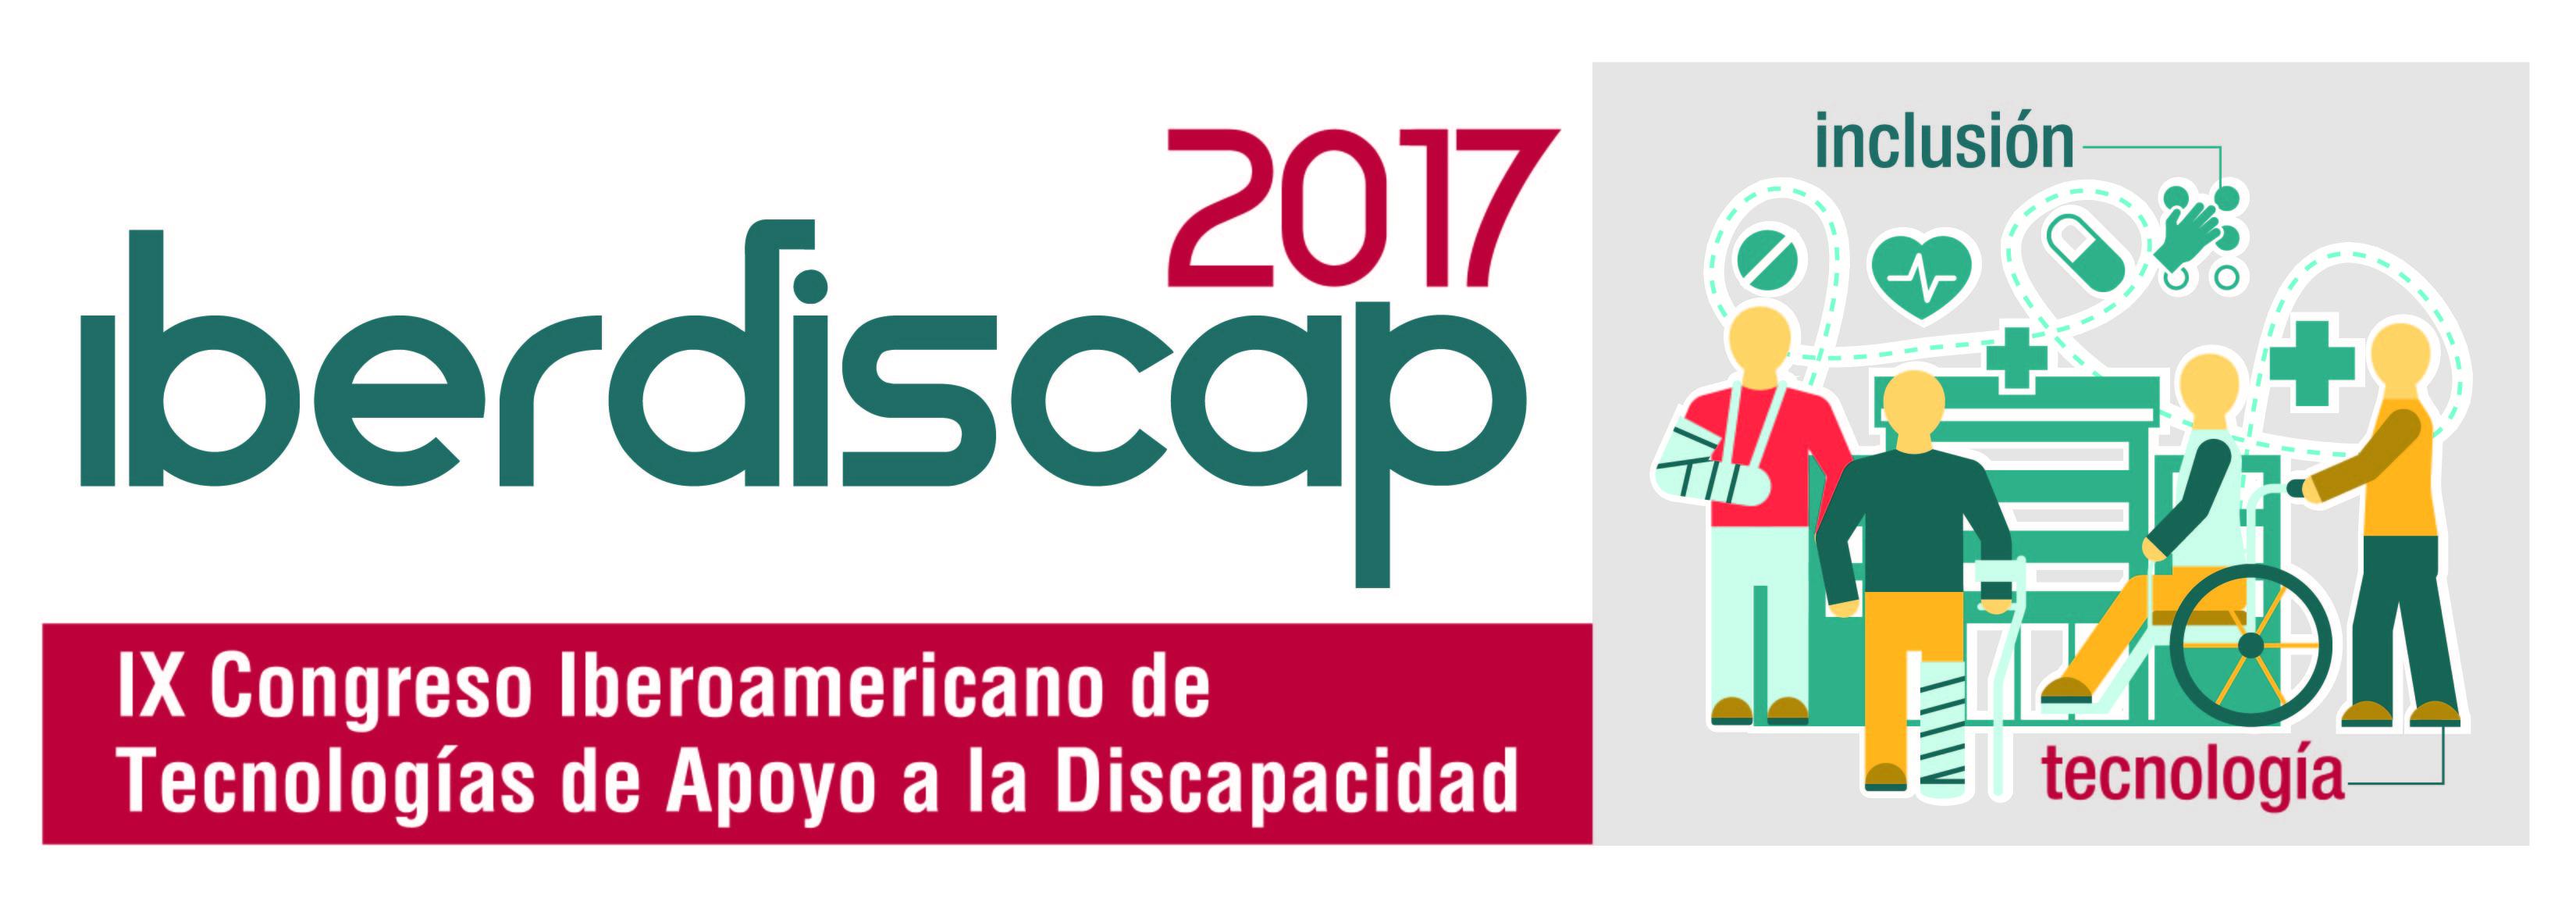 Logo_iberdiscap_2017-01